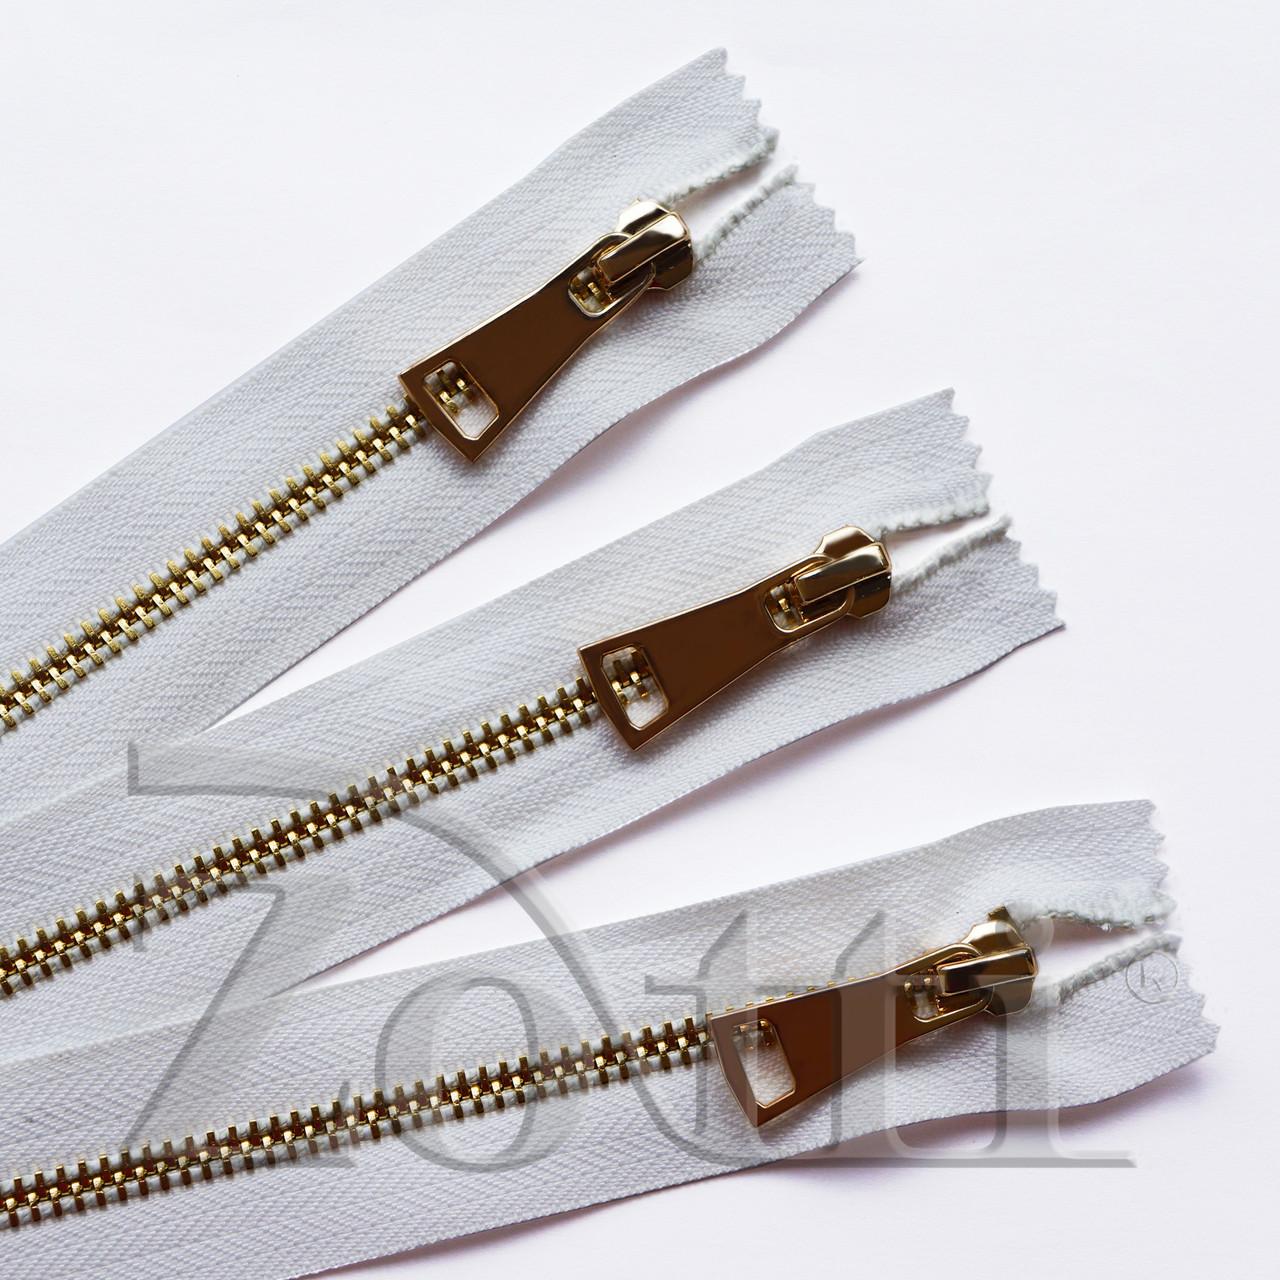 Молния (змейка,застежка) металлическая №5, размерная, обувная, белая, с золотым бегунком № 115 - 25 см